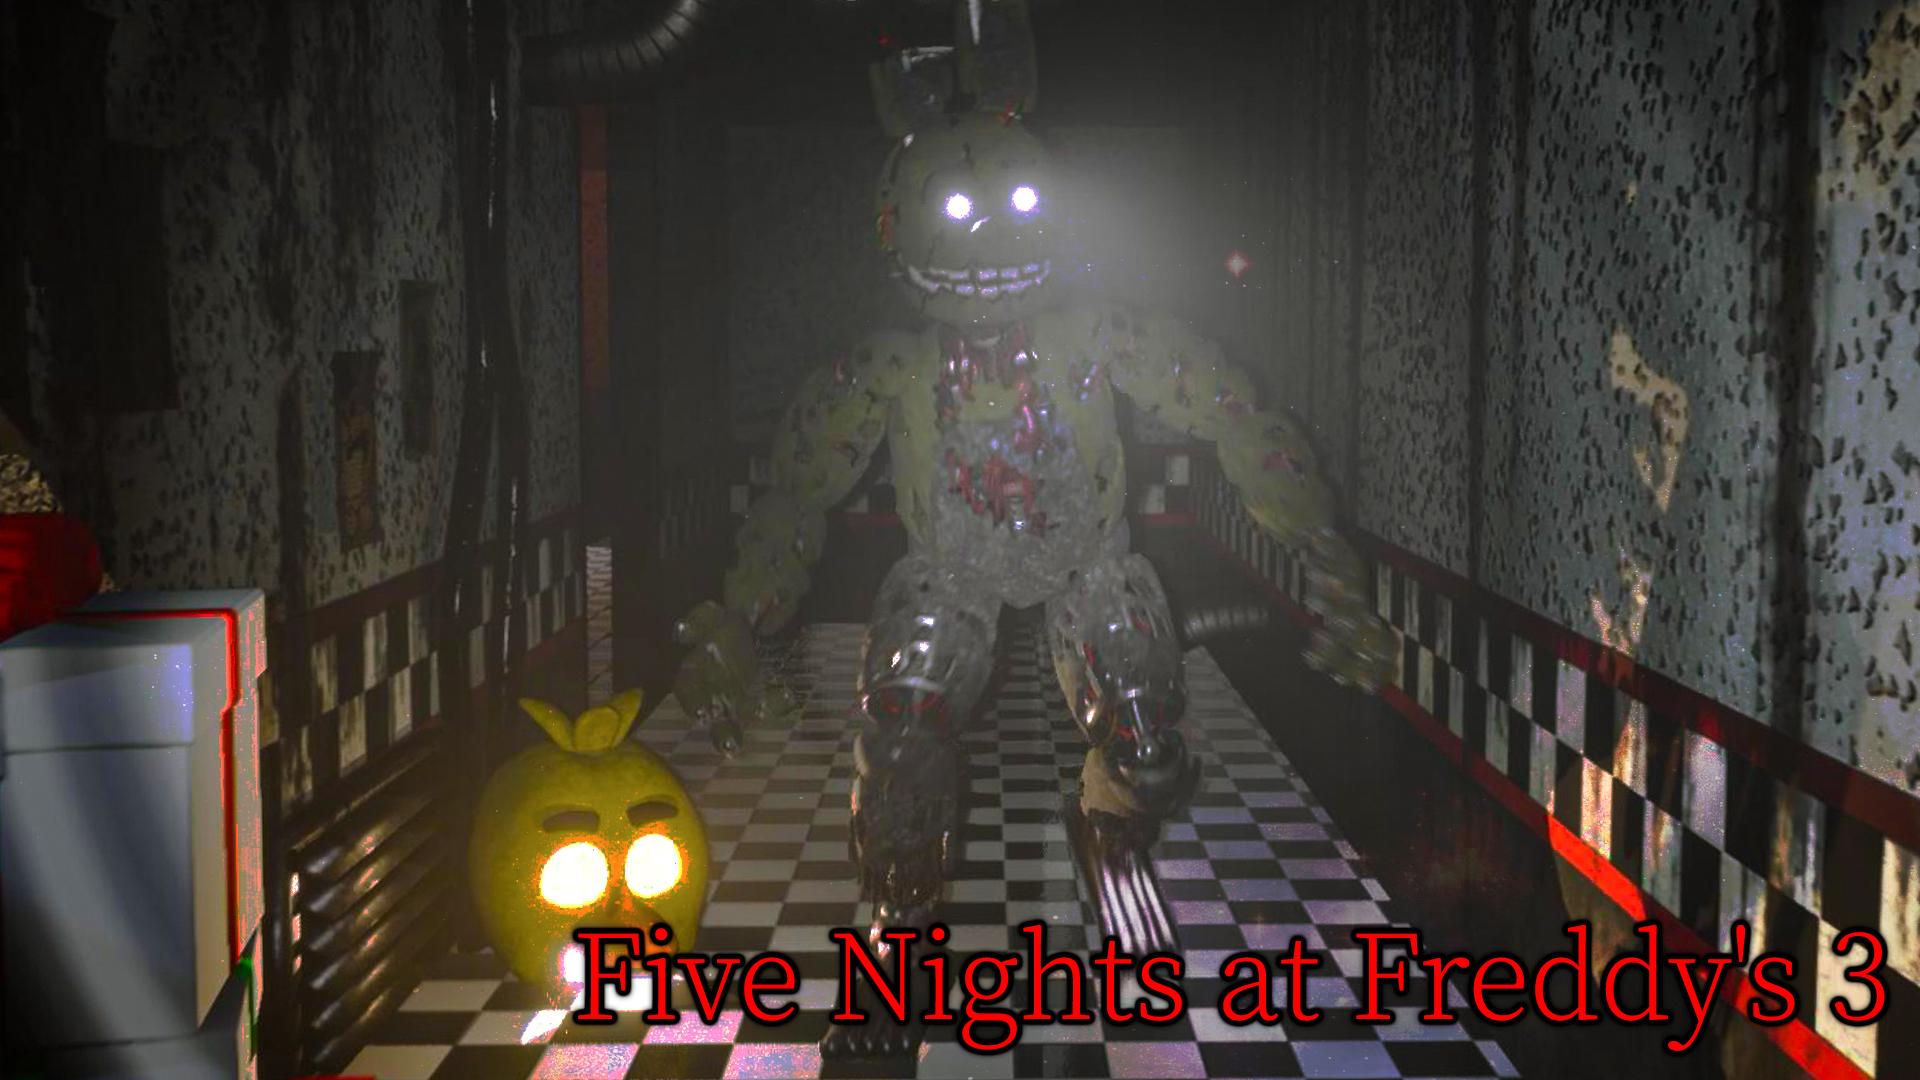 玩具熊超可动模拟器3:费斯熊披萨店转型惊悚乐园?极栗解说